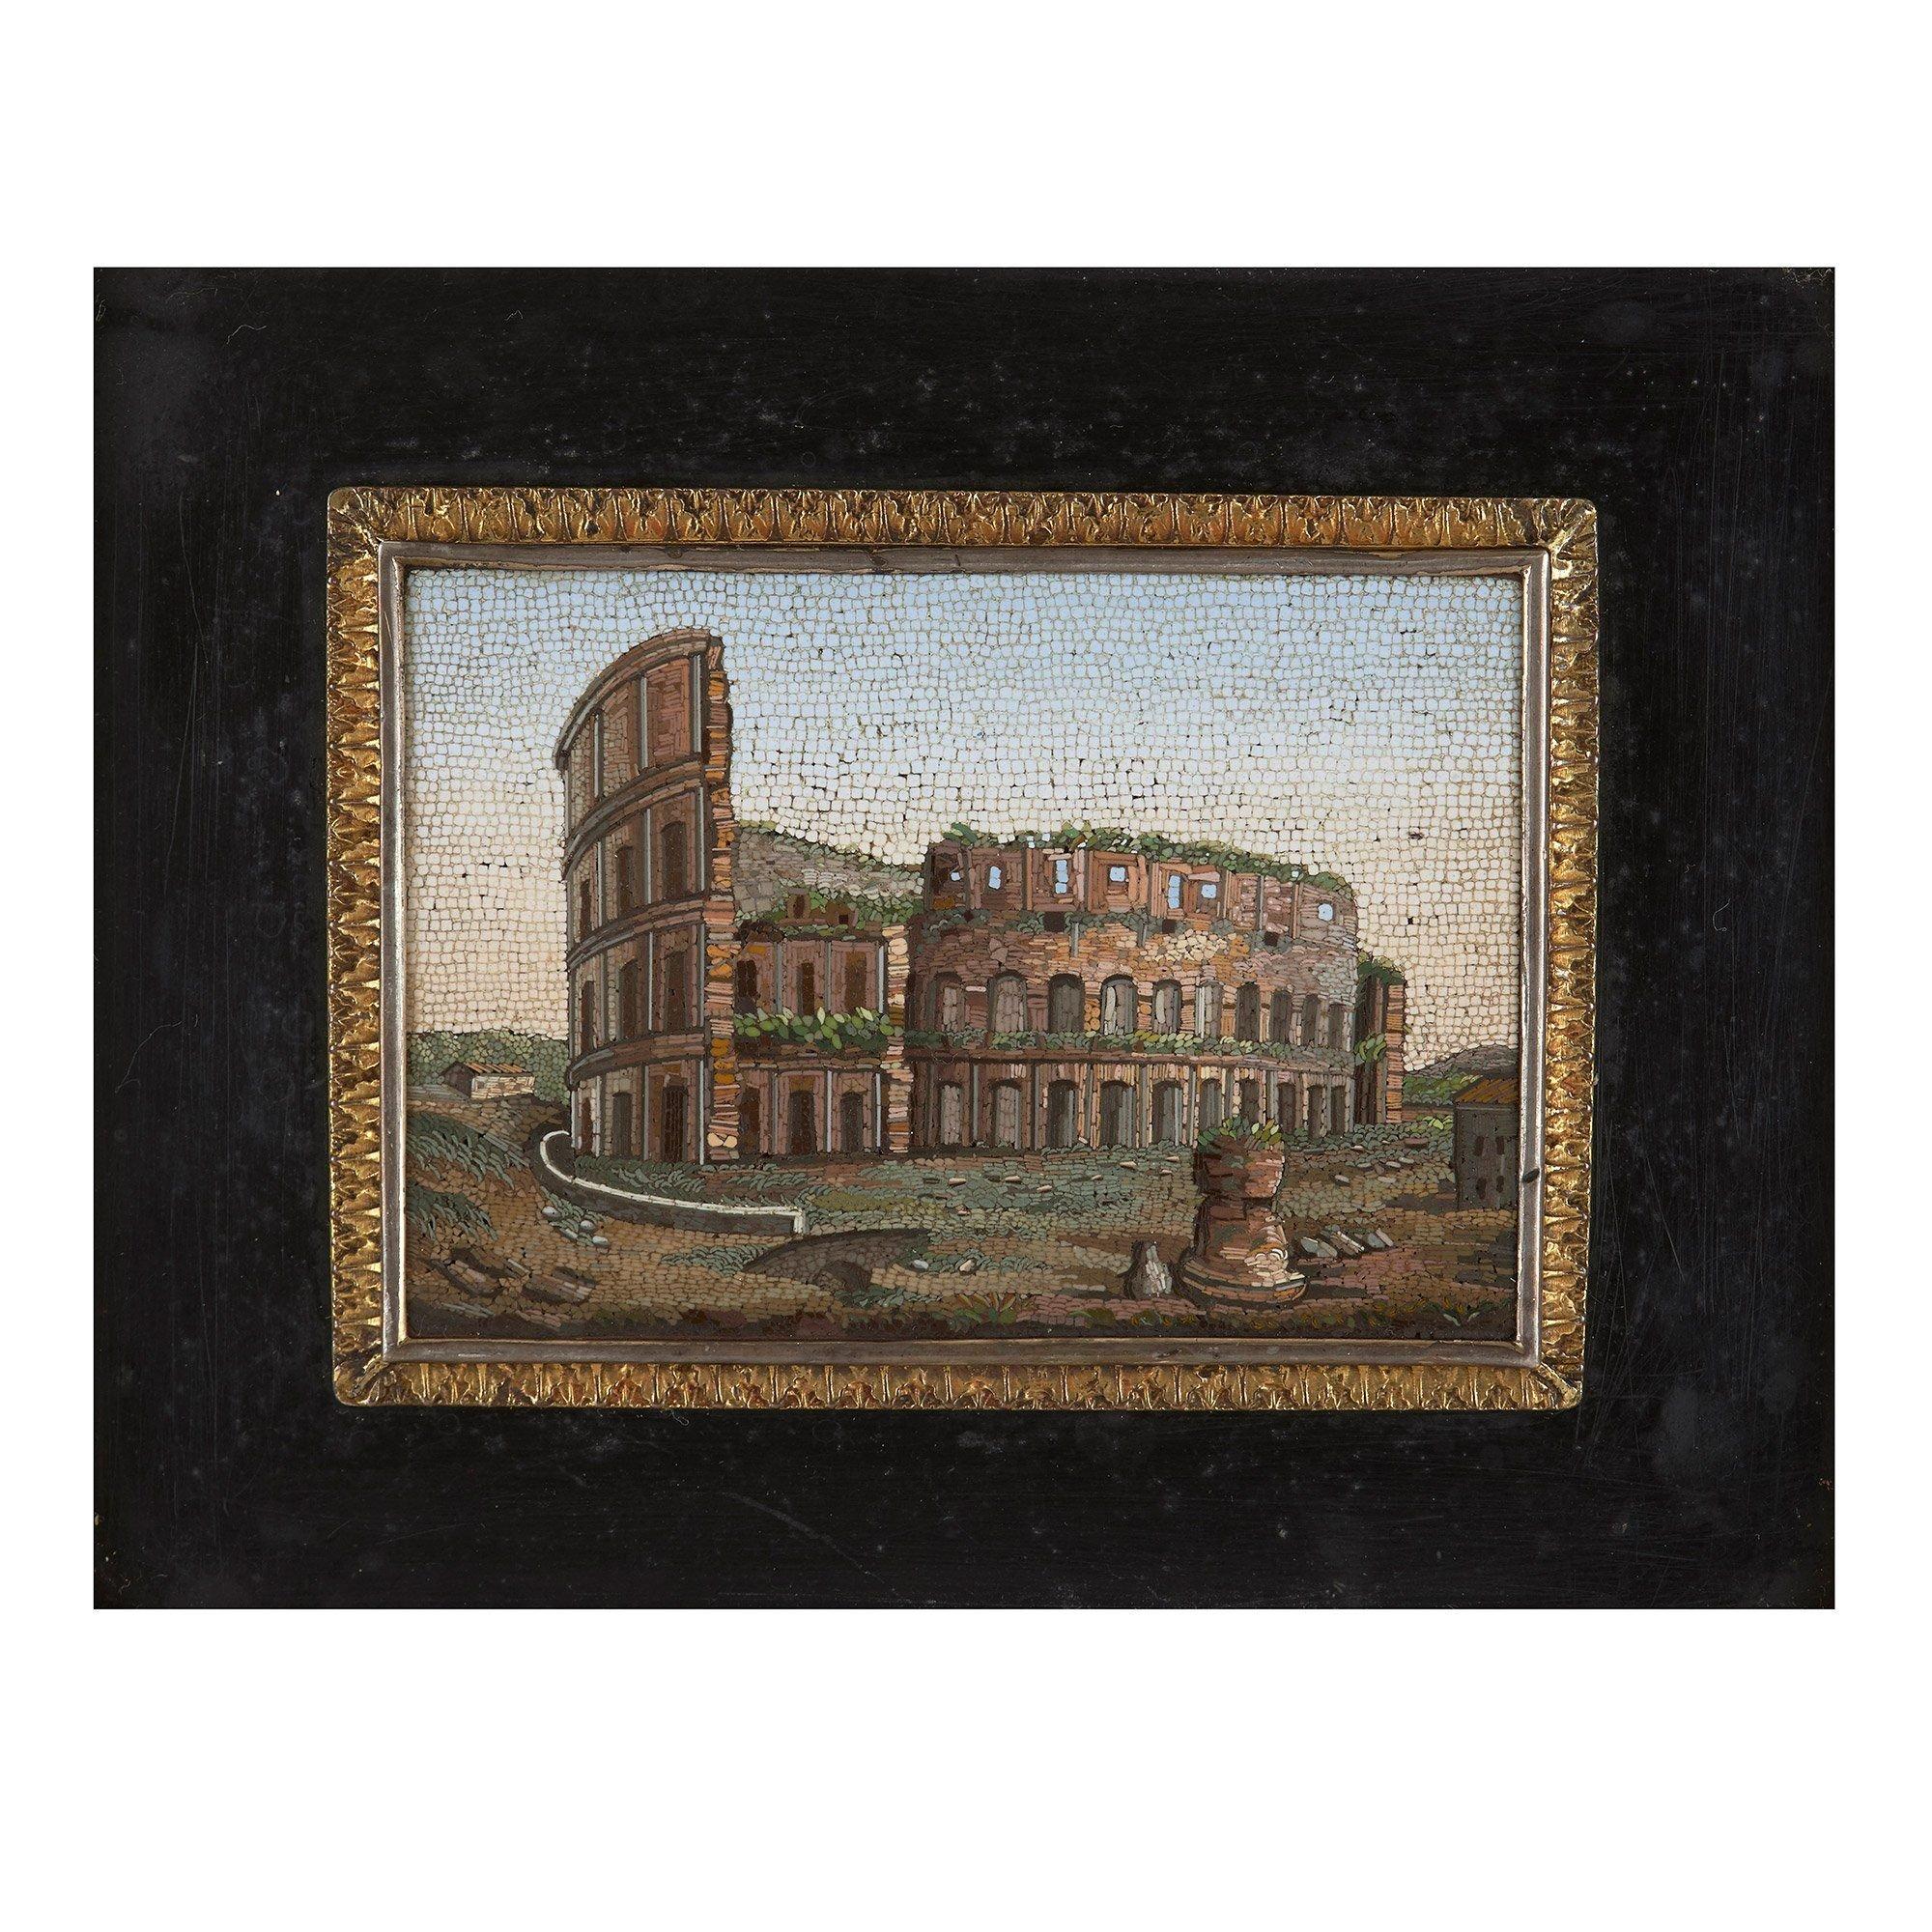 Antique Italian Micromosaic Plaque Depicting The Colosseum